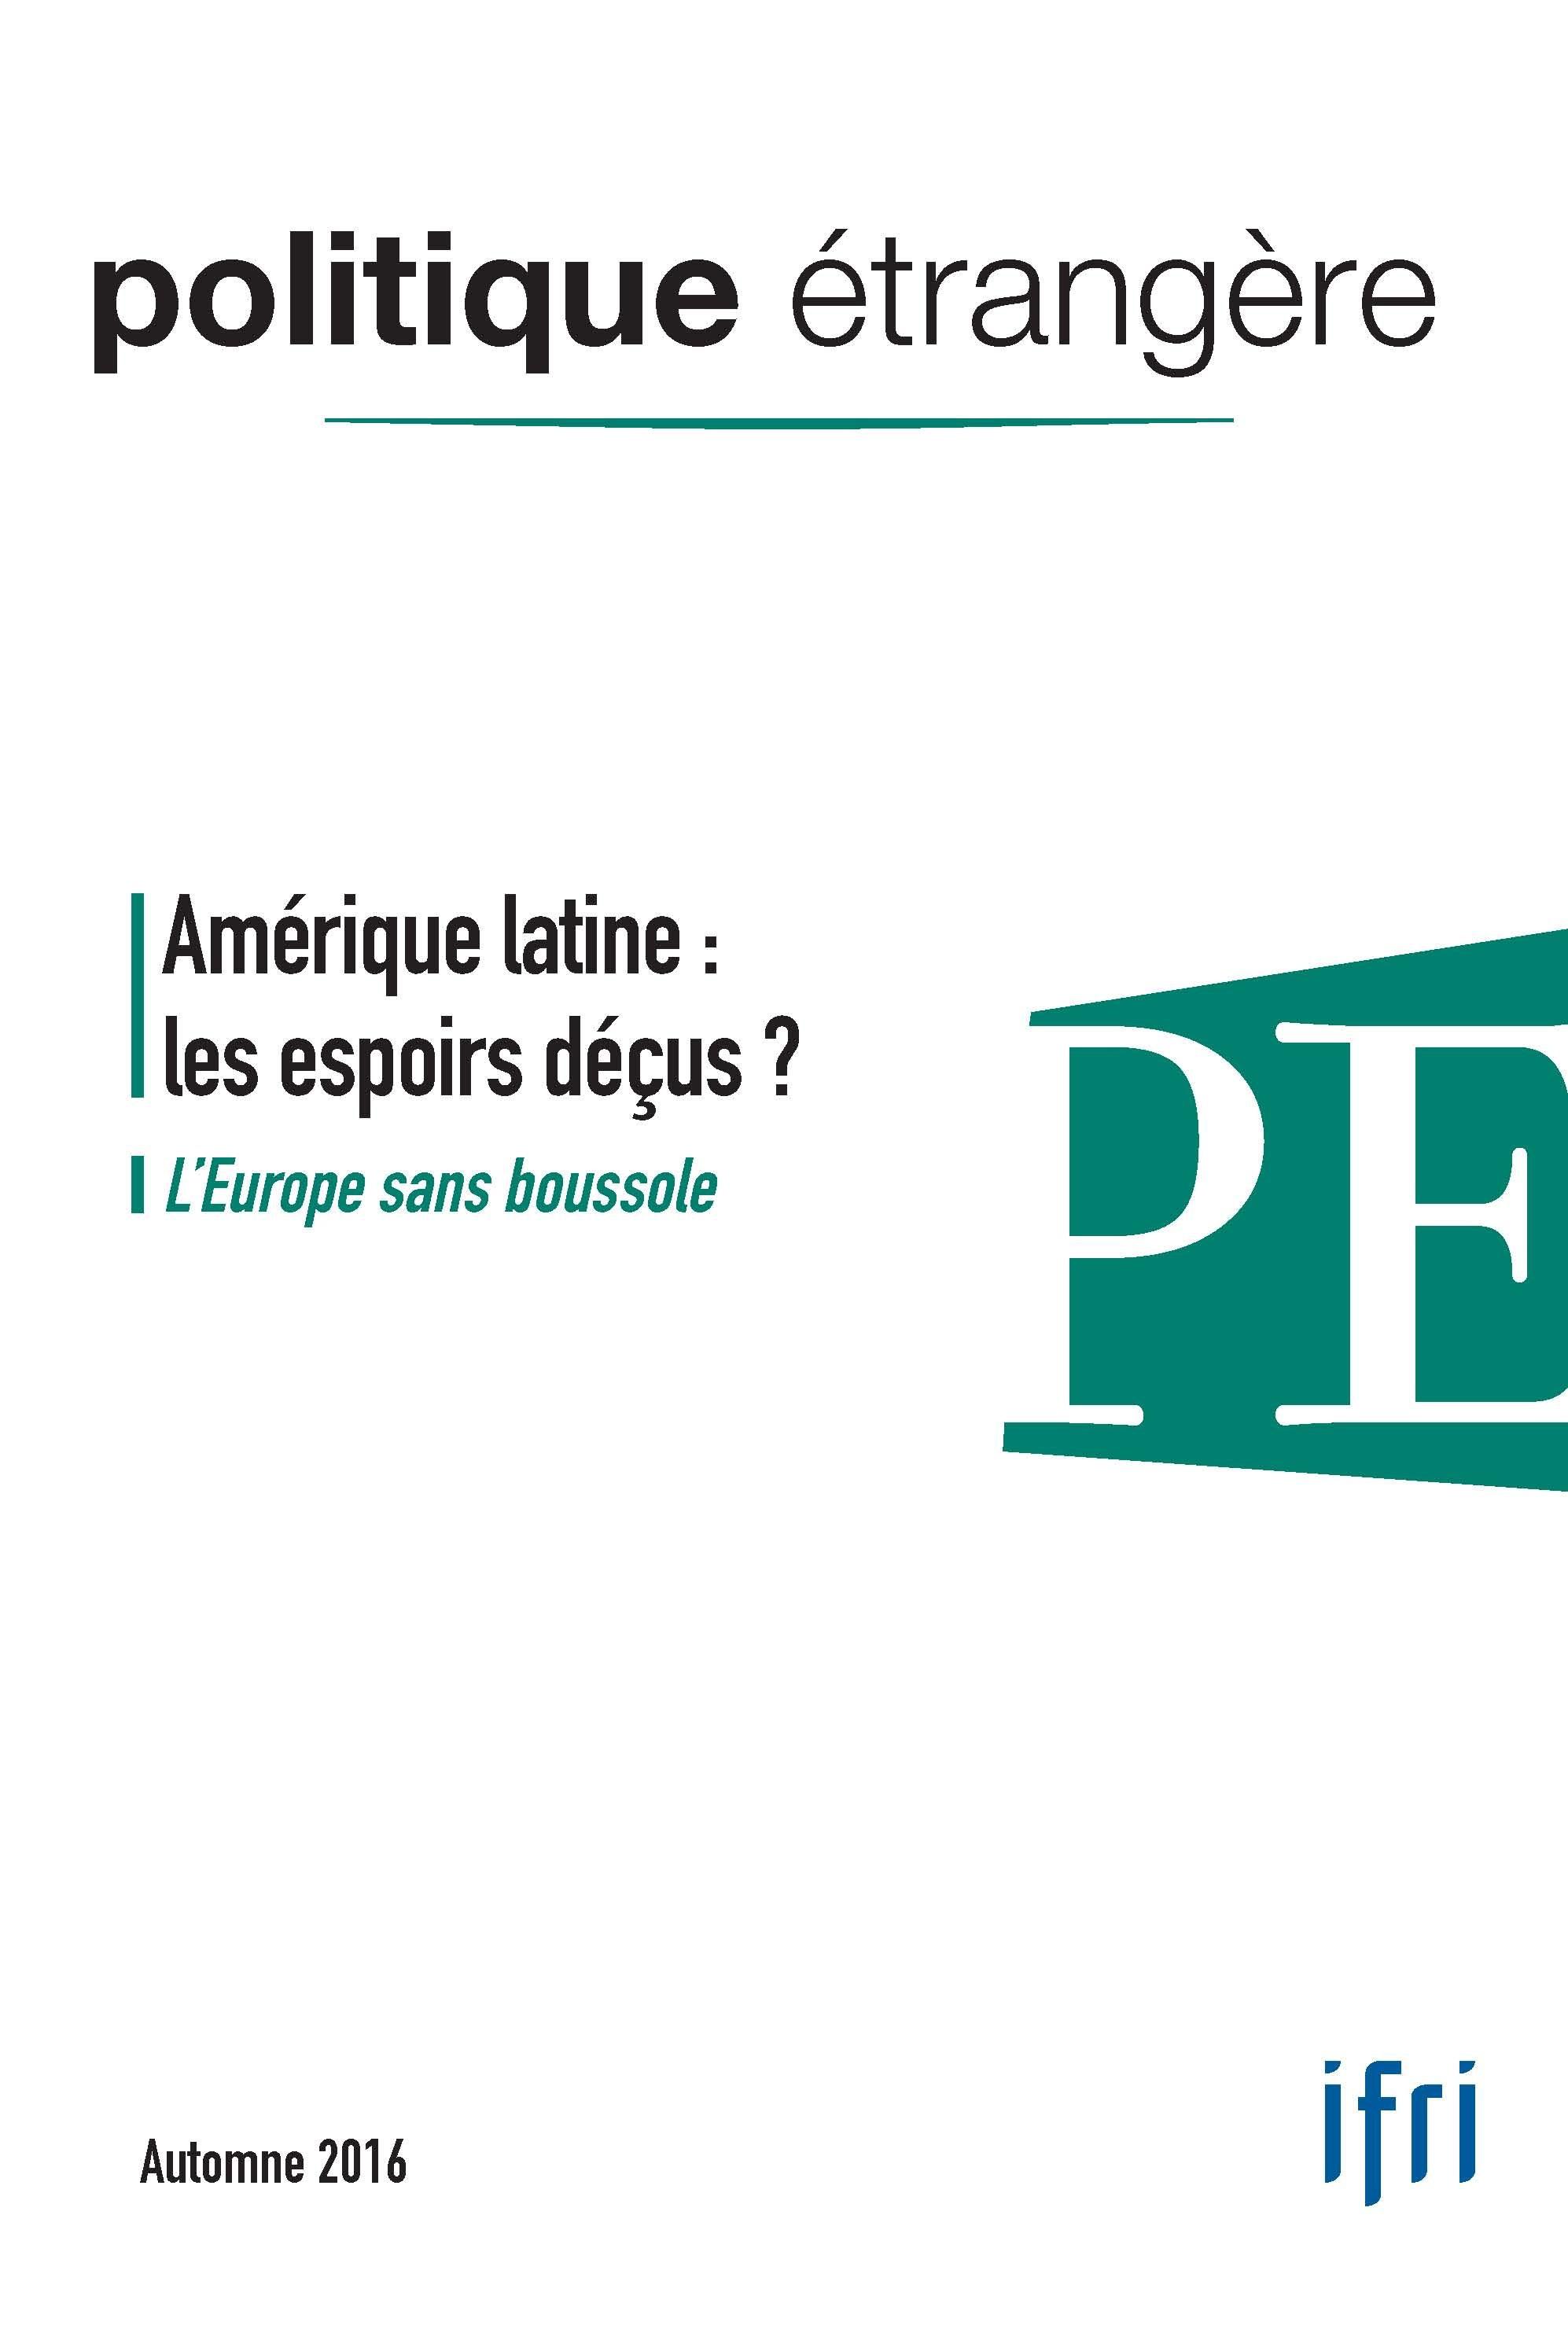 Politique etrangere n  3/2016 - amerique latine, espoirs decus- automne 2016